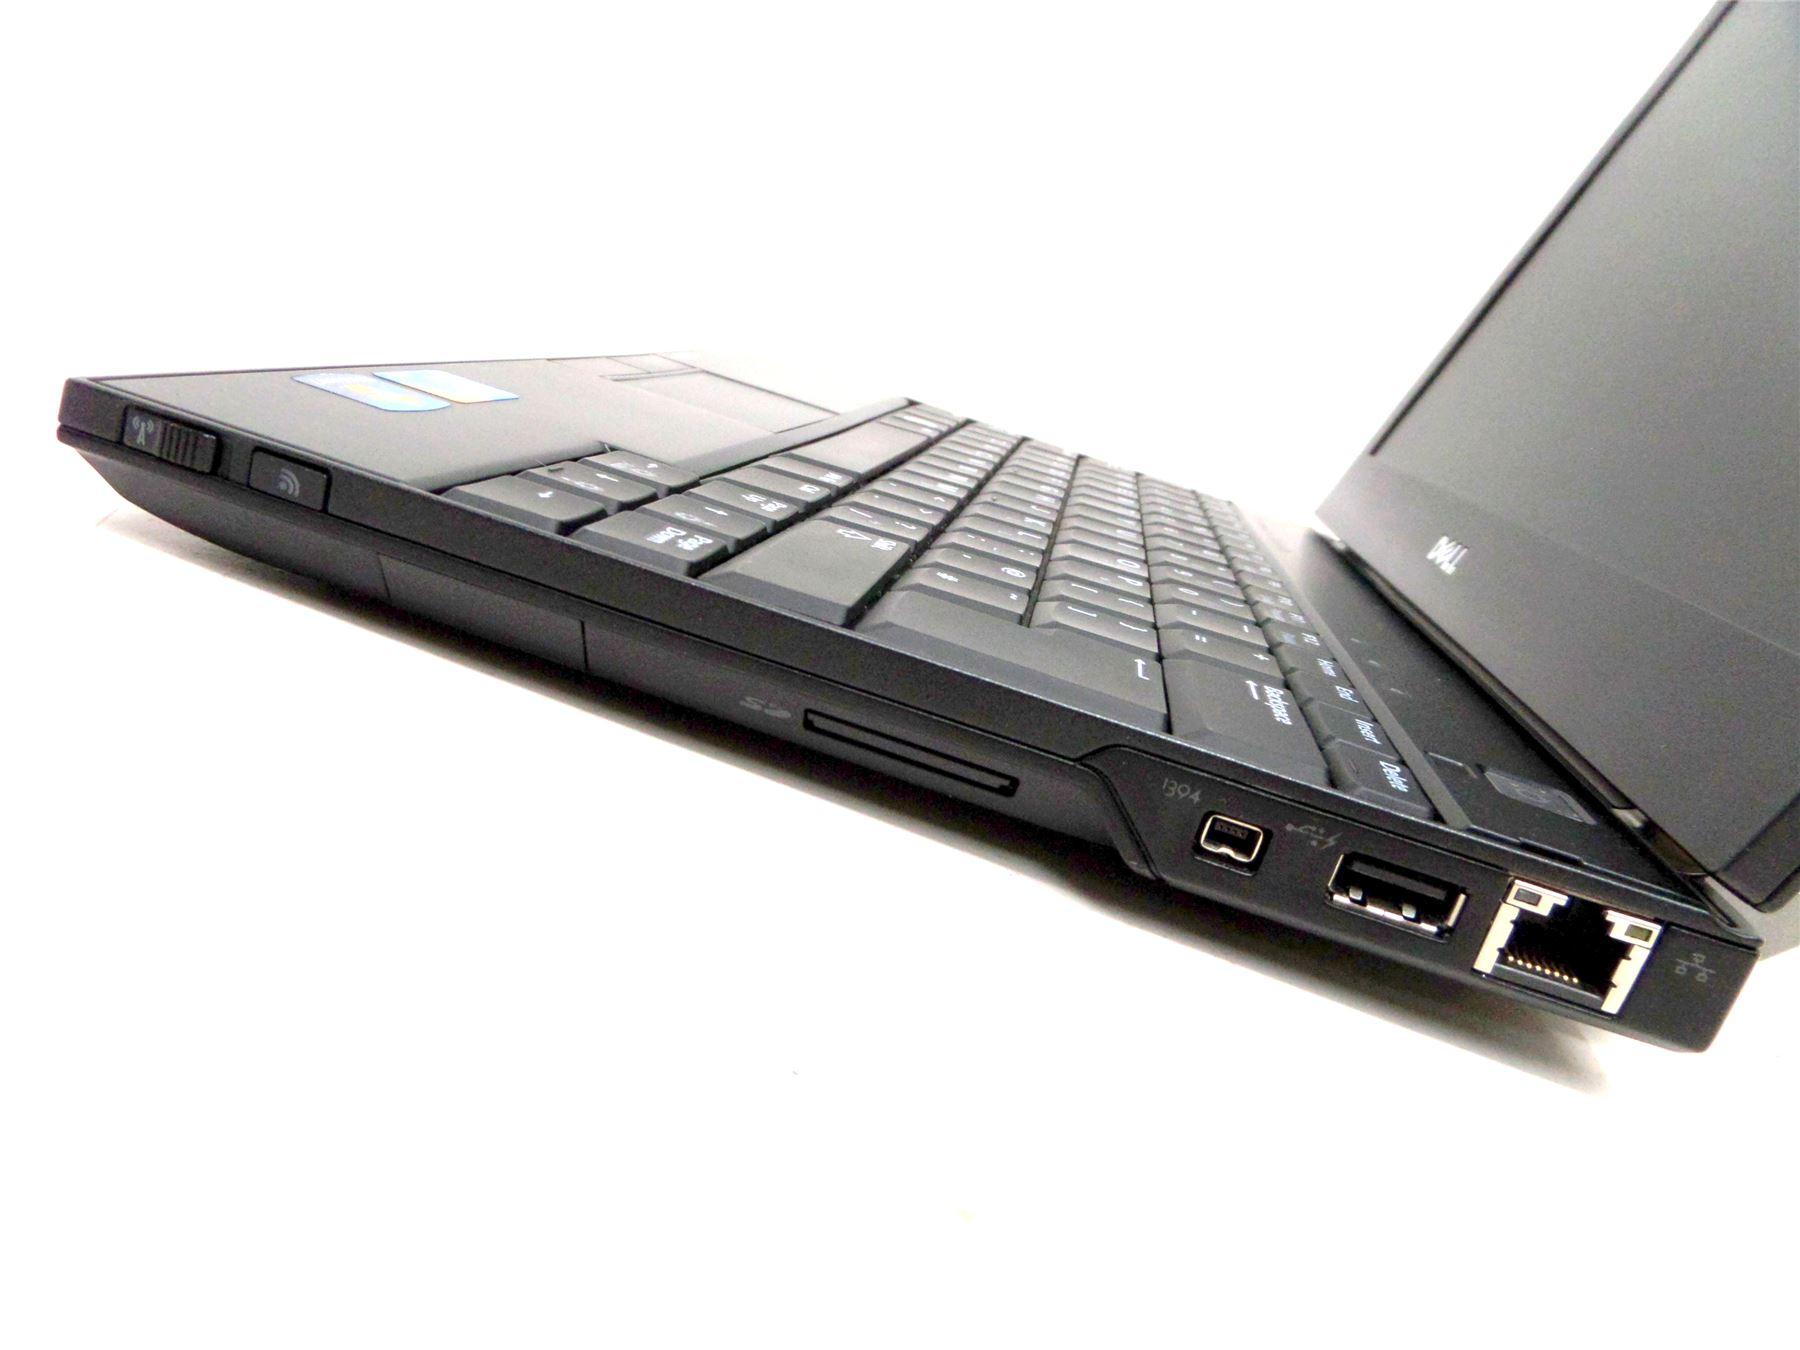 dell latitude e4200 12 1 laptop core 2 duo 1 4ghz 3gb ram 128gb ssd win 10 ebay. Black Bedroom Furniture Sets. Home Design Ideas